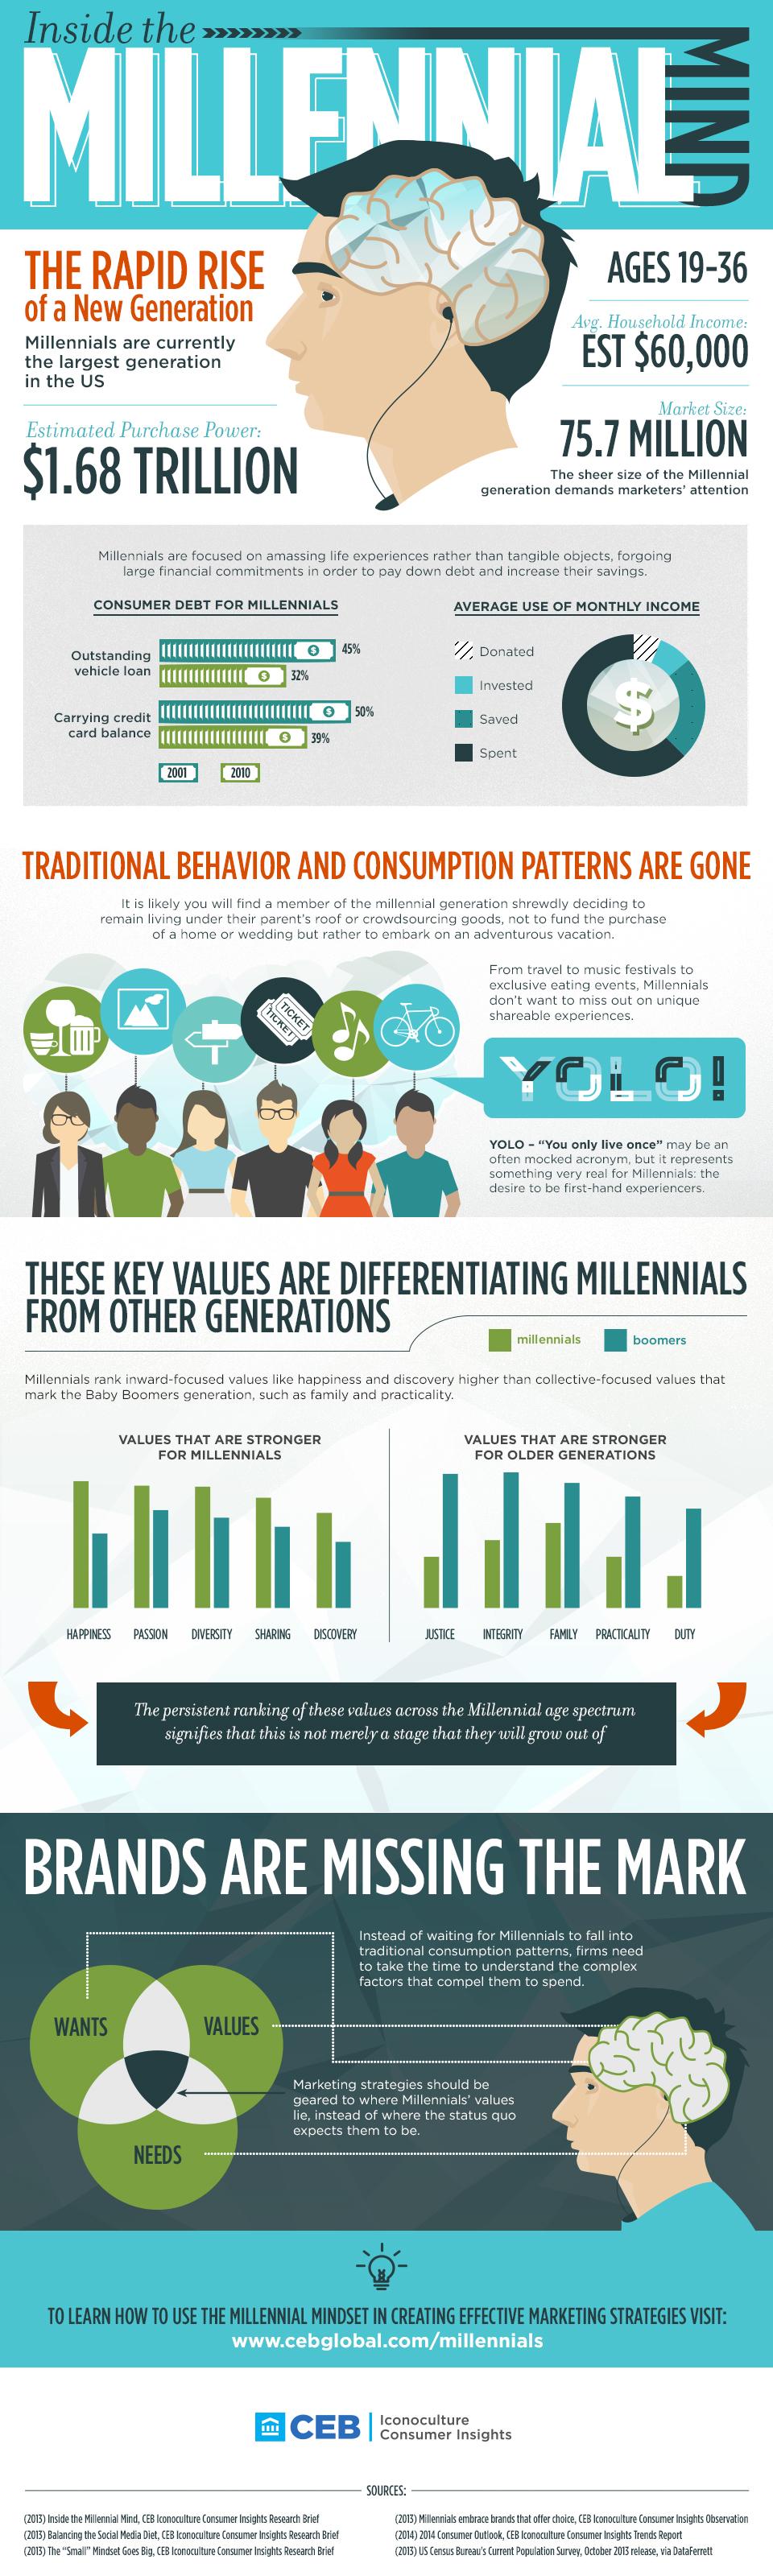 Inside The Millennial Mind